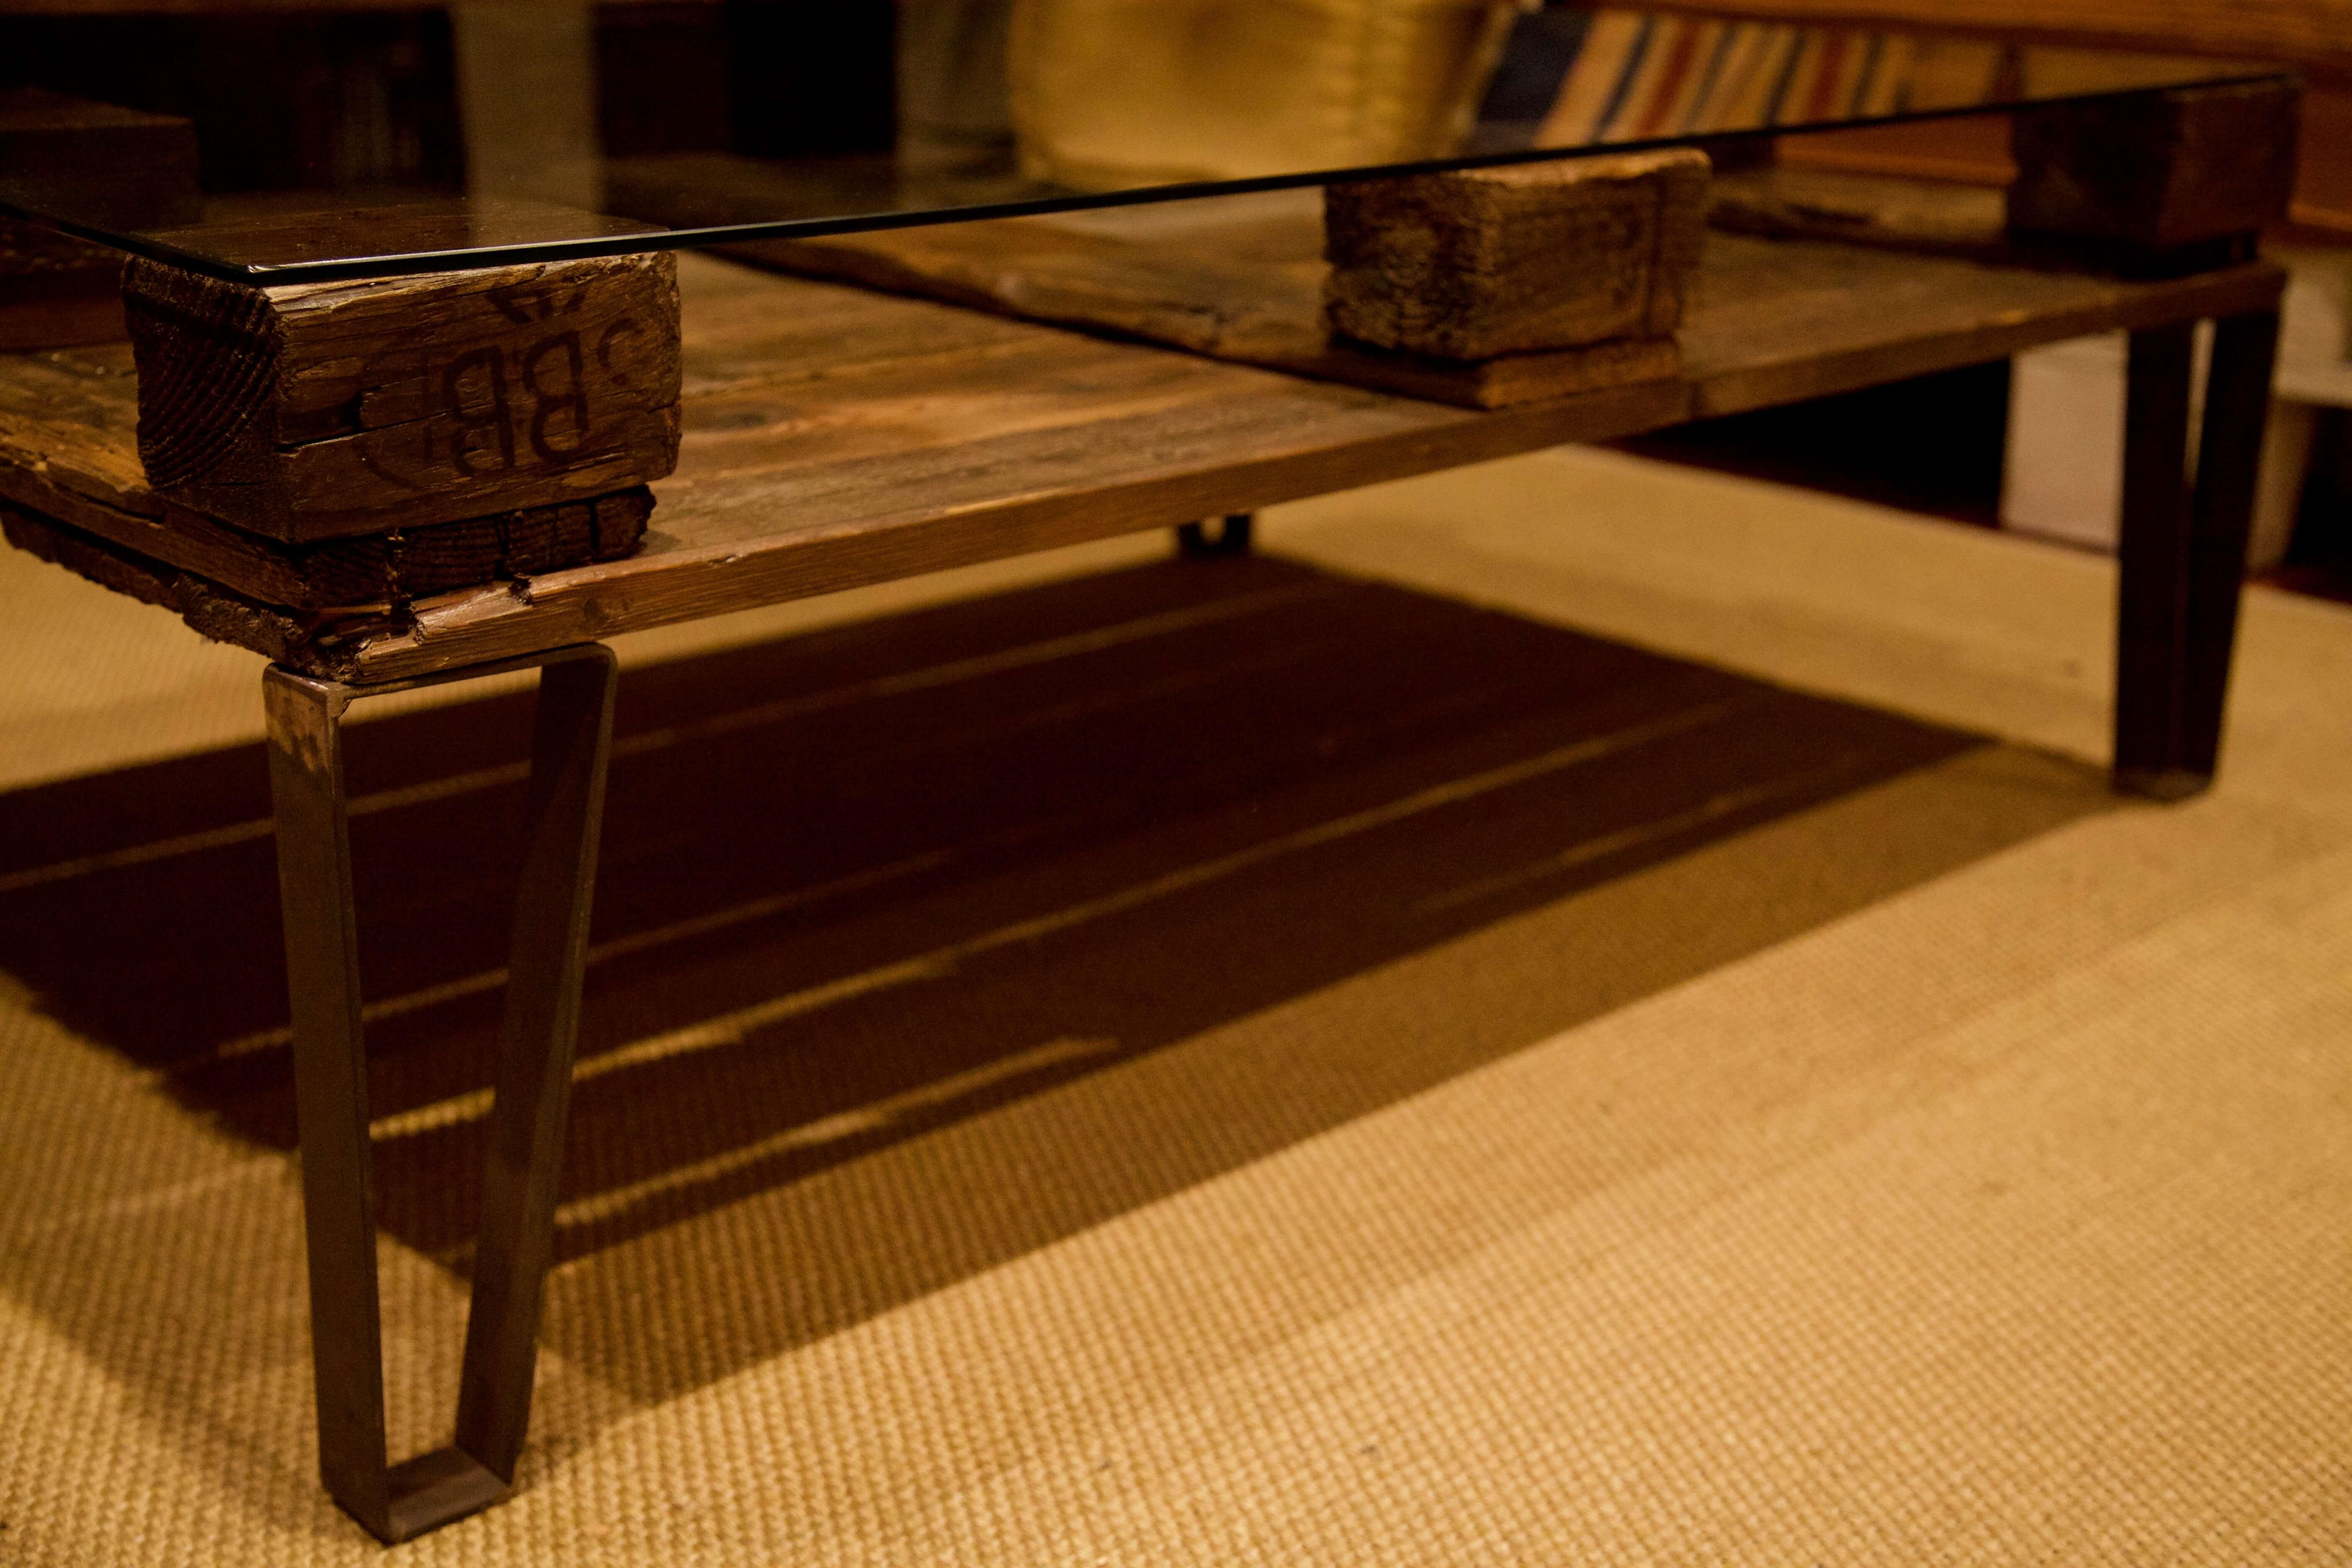 detalle inferior de la mesa hecha con palets y patas de hierro